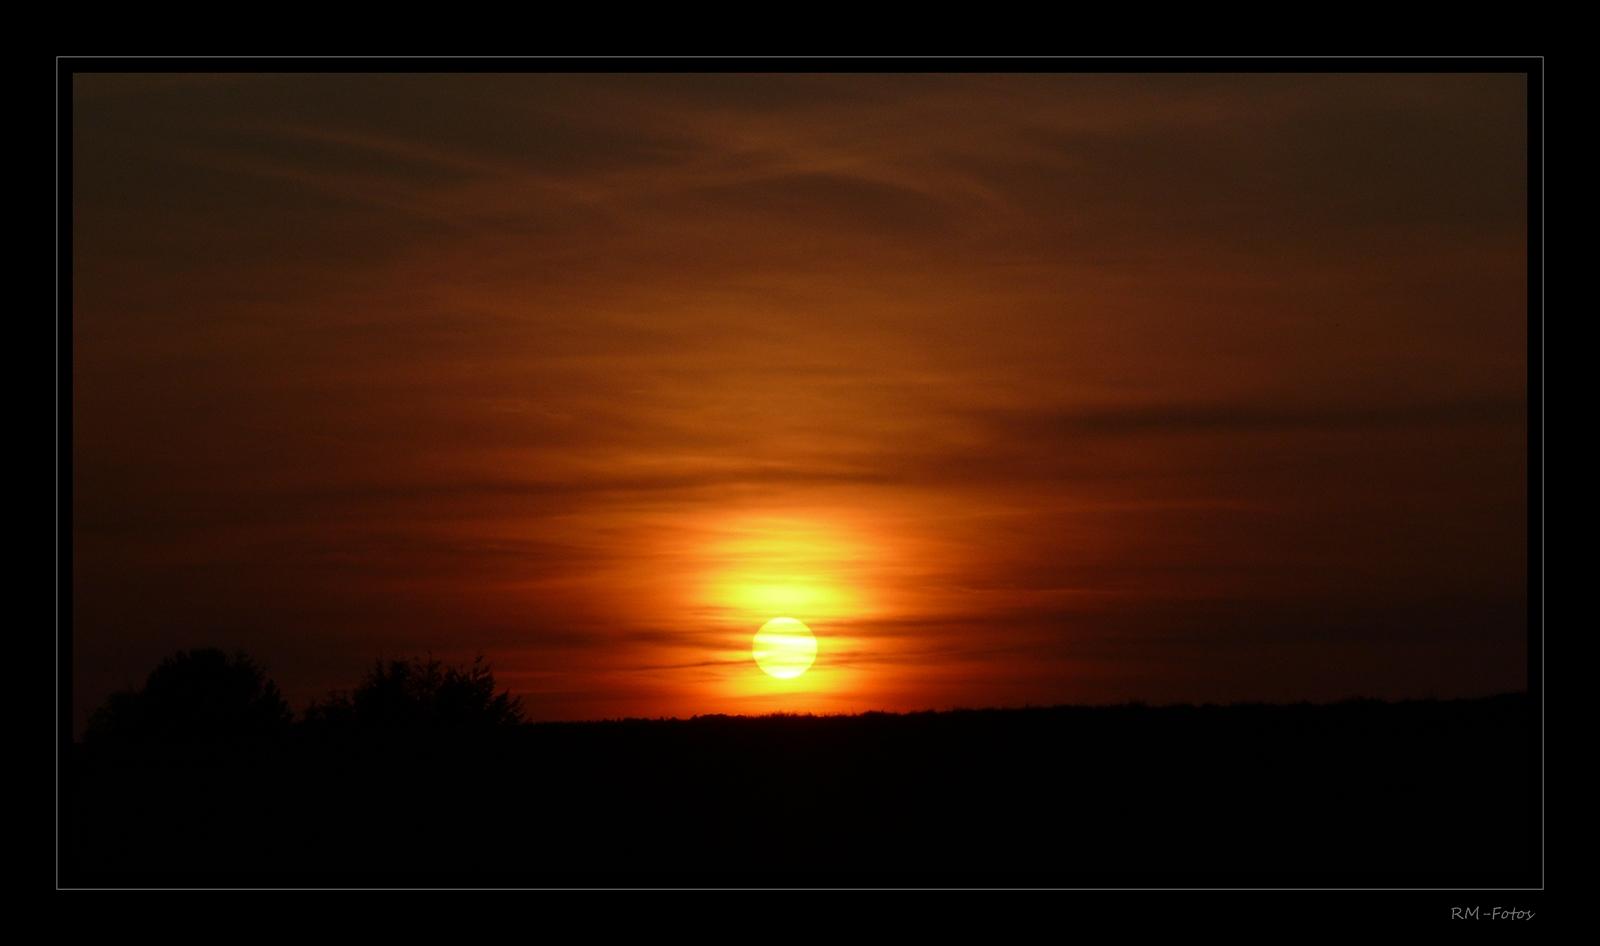 Himmelsbild mit Sonnenball